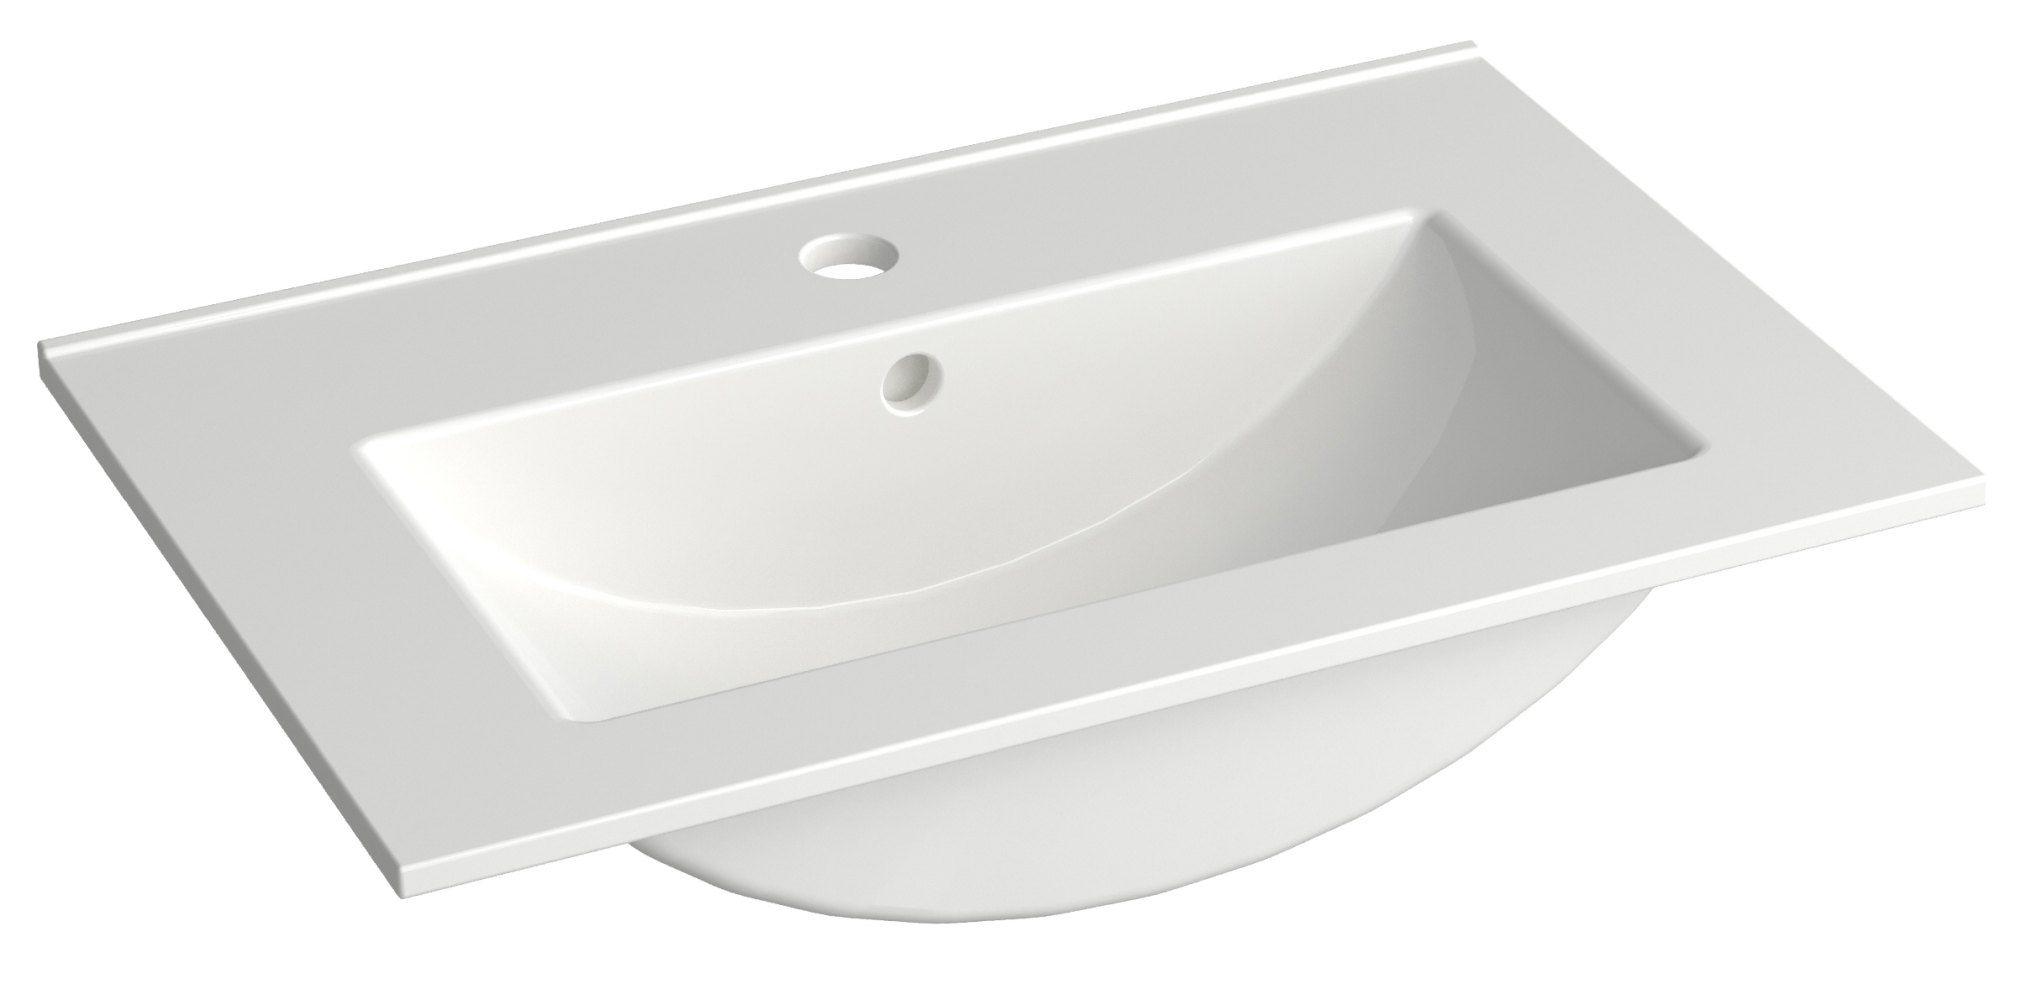 Bad - Waschbecken Bokaro 07, Farbe: Weiß – 13 x 61 x 39 cm (H x B x T)